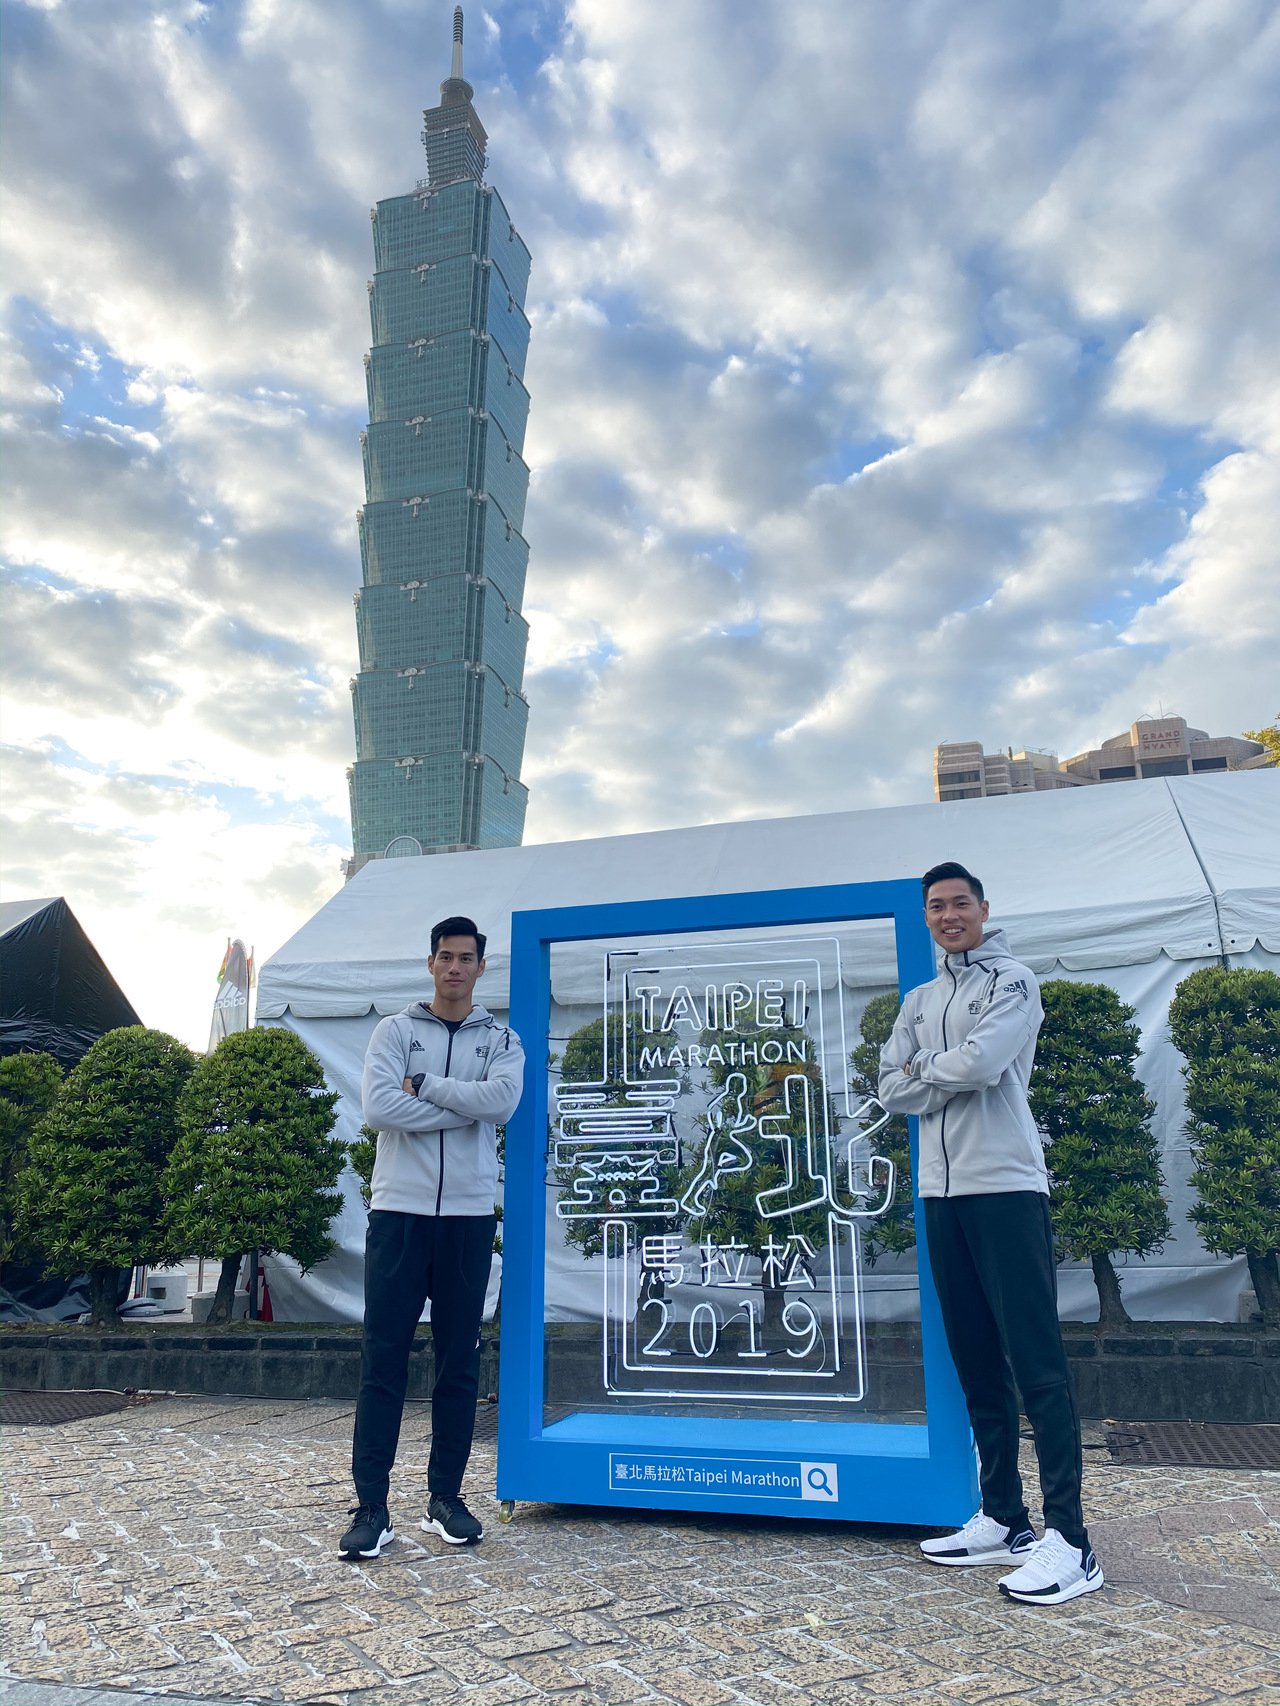 楊俊瀚(左)和陳傑擔任今年台北馬拉松鳴槍和掛牌嘉賓。記者曾思儒/攝影